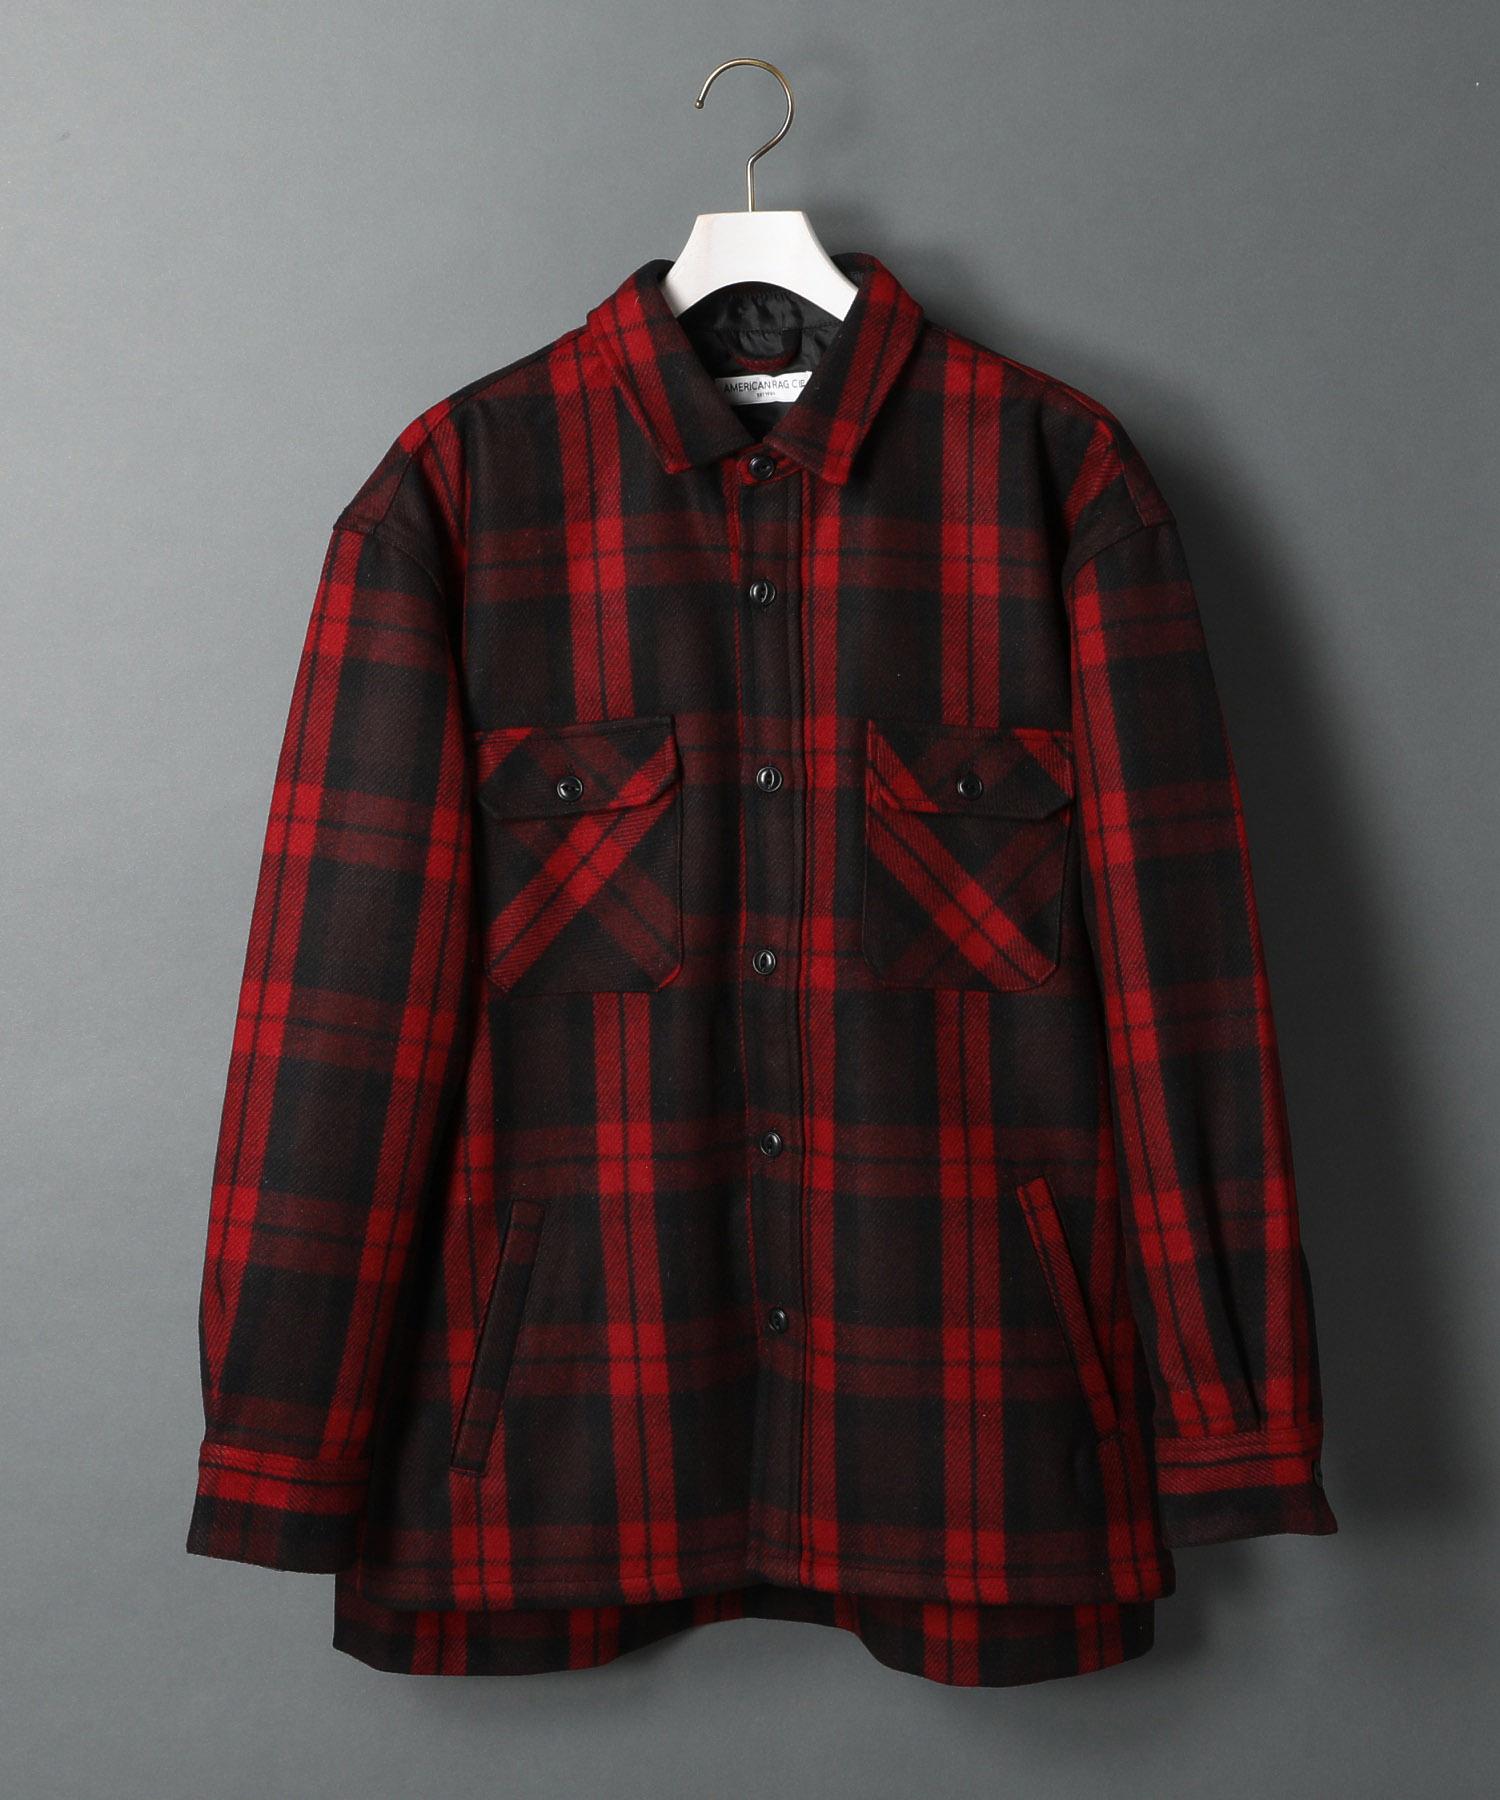 アメリカンラグシー AMERICAN RAG CIE / CPOシャツ CPO Shirt